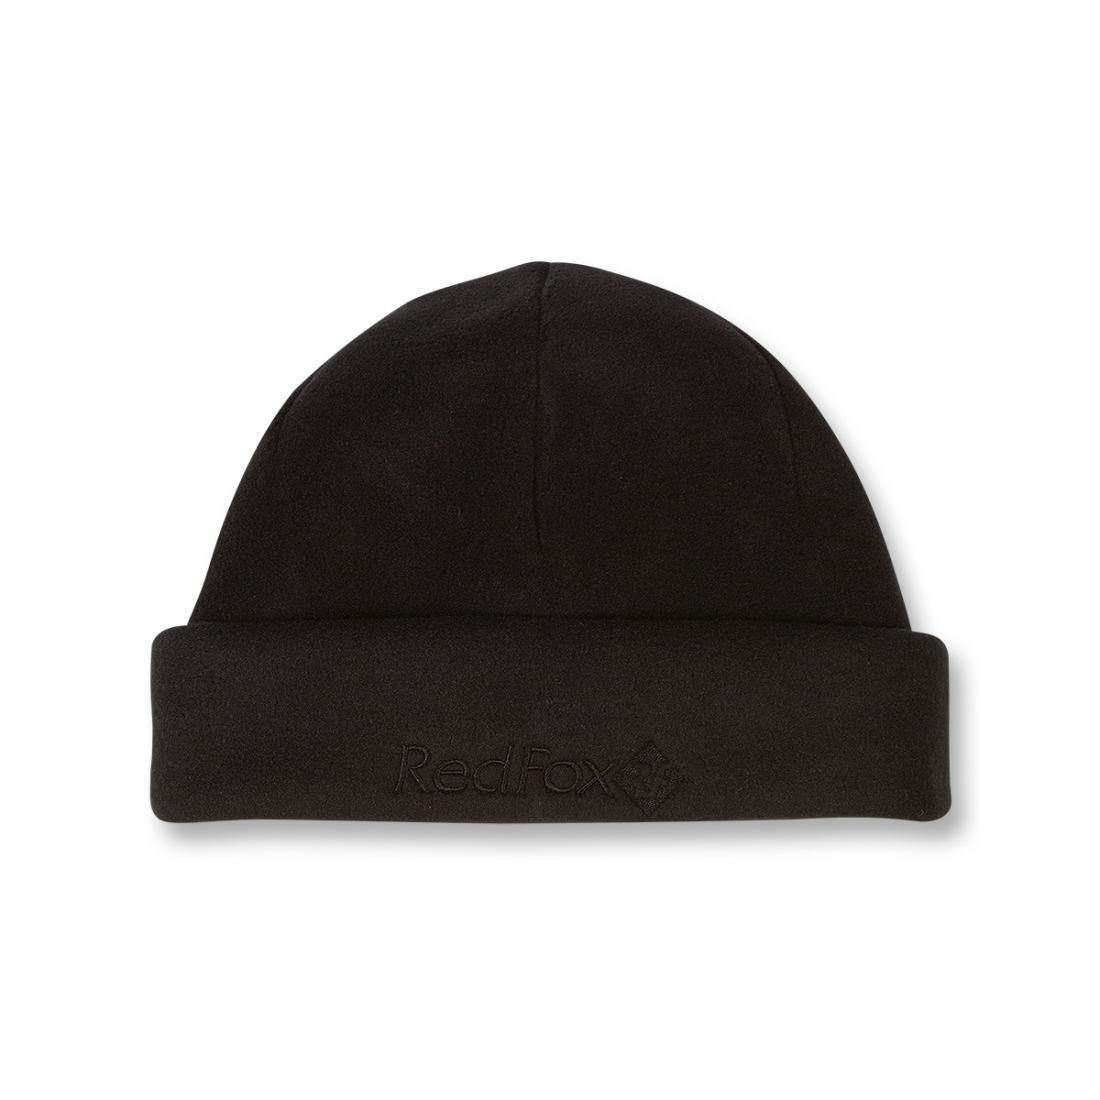 Шапка Polartec ClassicШапки<br><br> Теплая шапка классического дизайна из материала Polartec® 200<br><br><br> Основные характеристики<br><br><br>комфортная посадка<br>эргономичная конструкция кроя<br><br> Особенности<br><br><br><br><br><br>&lt;u...<br><br>Цвет: Черный<br>Размер: 60